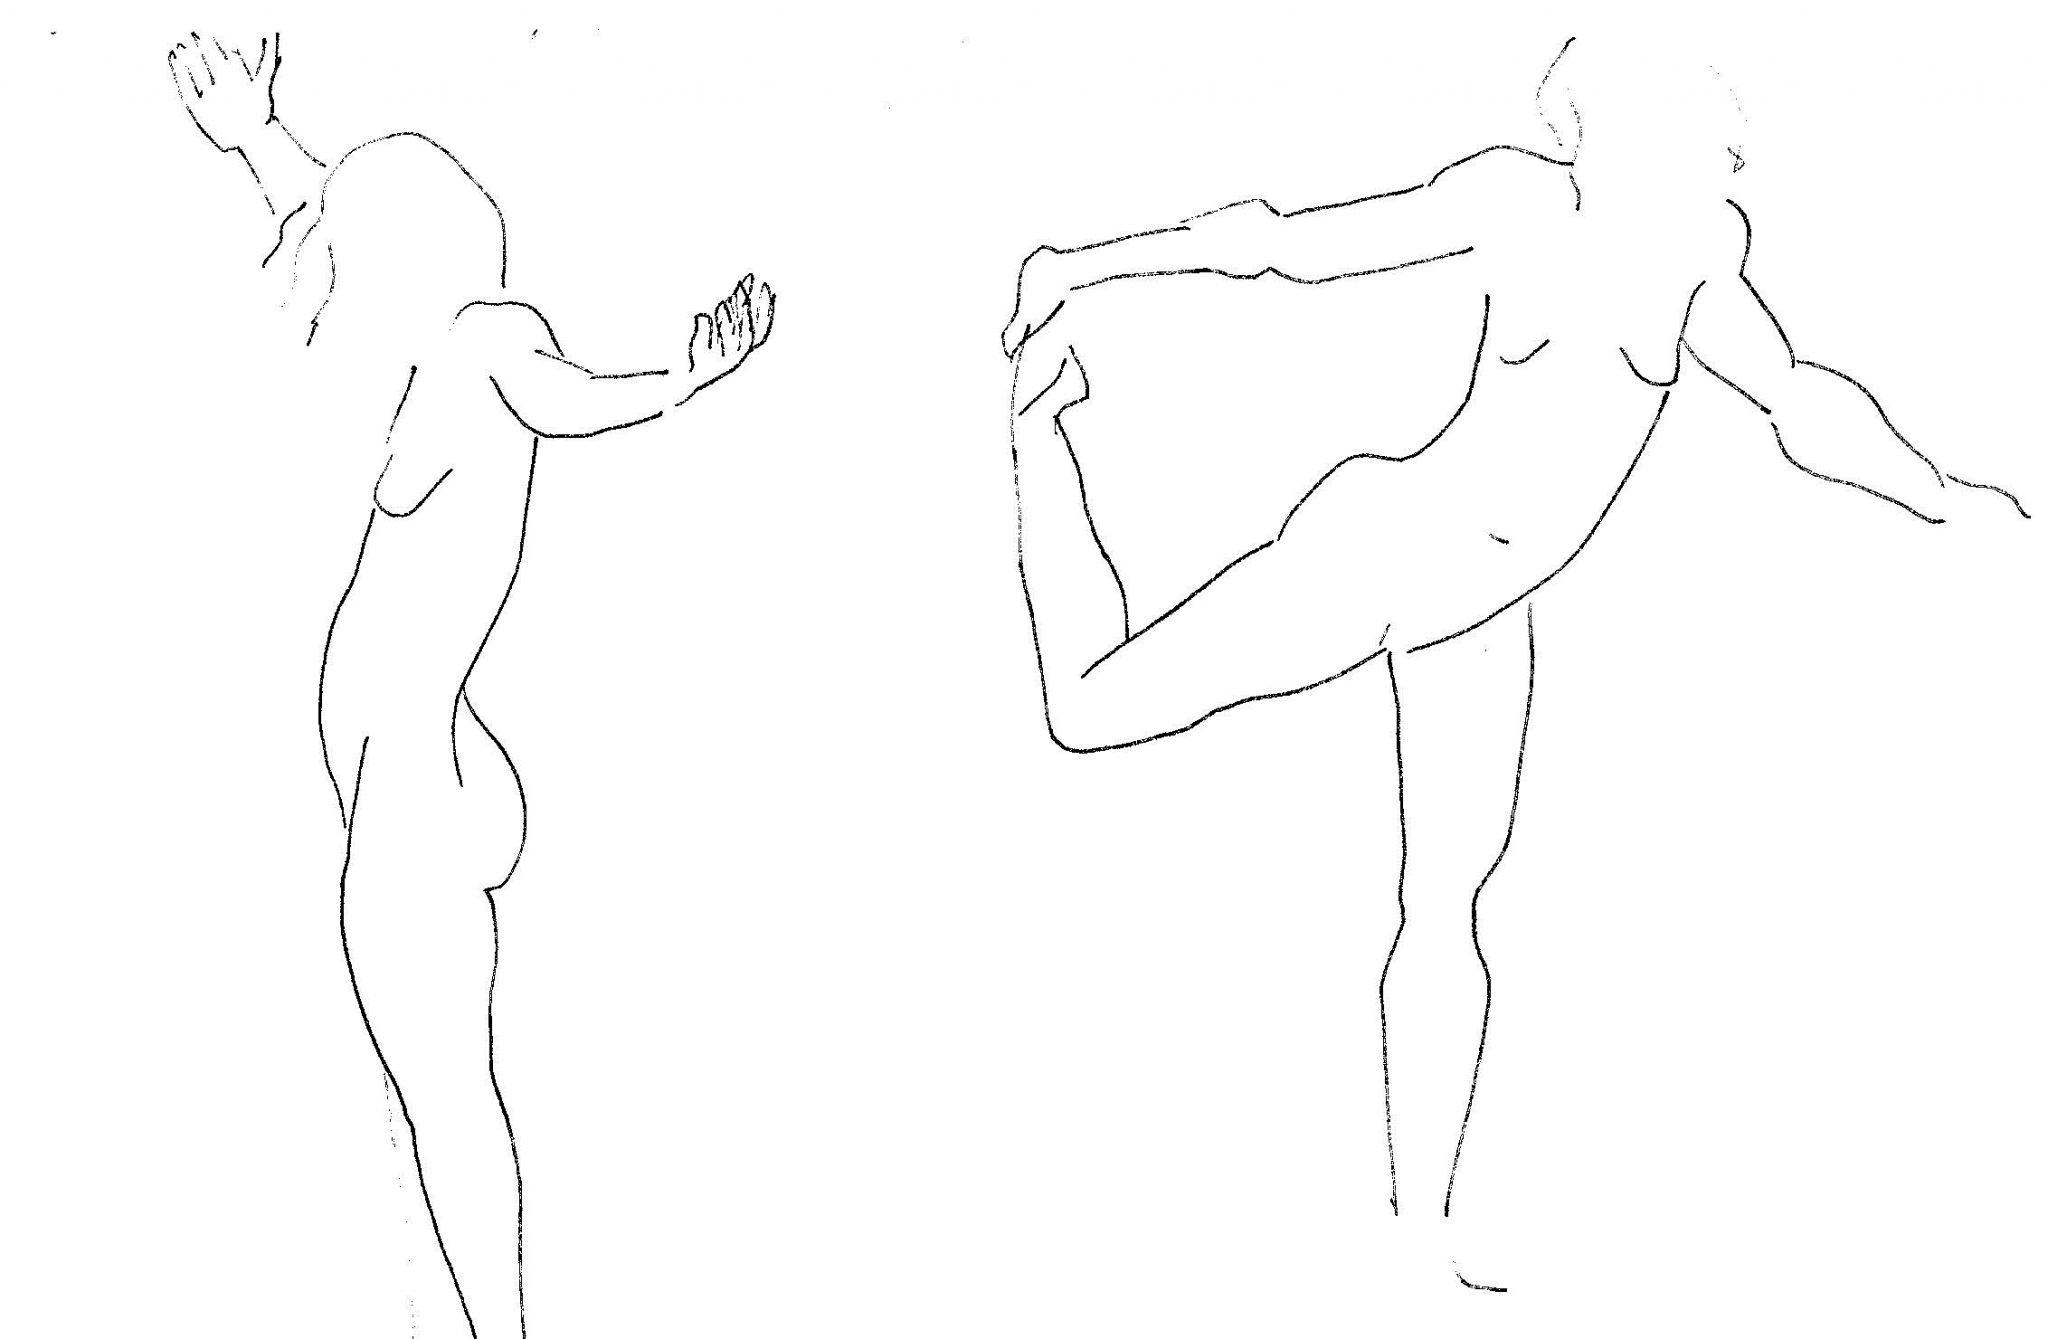 kuvassa kaksi mustekynällä piirrettyä naisoletettua, joista vasemmanpuoleinen on levittänyt kätensä ja oikeanpuoleinen seisoo yhdellä jalalla